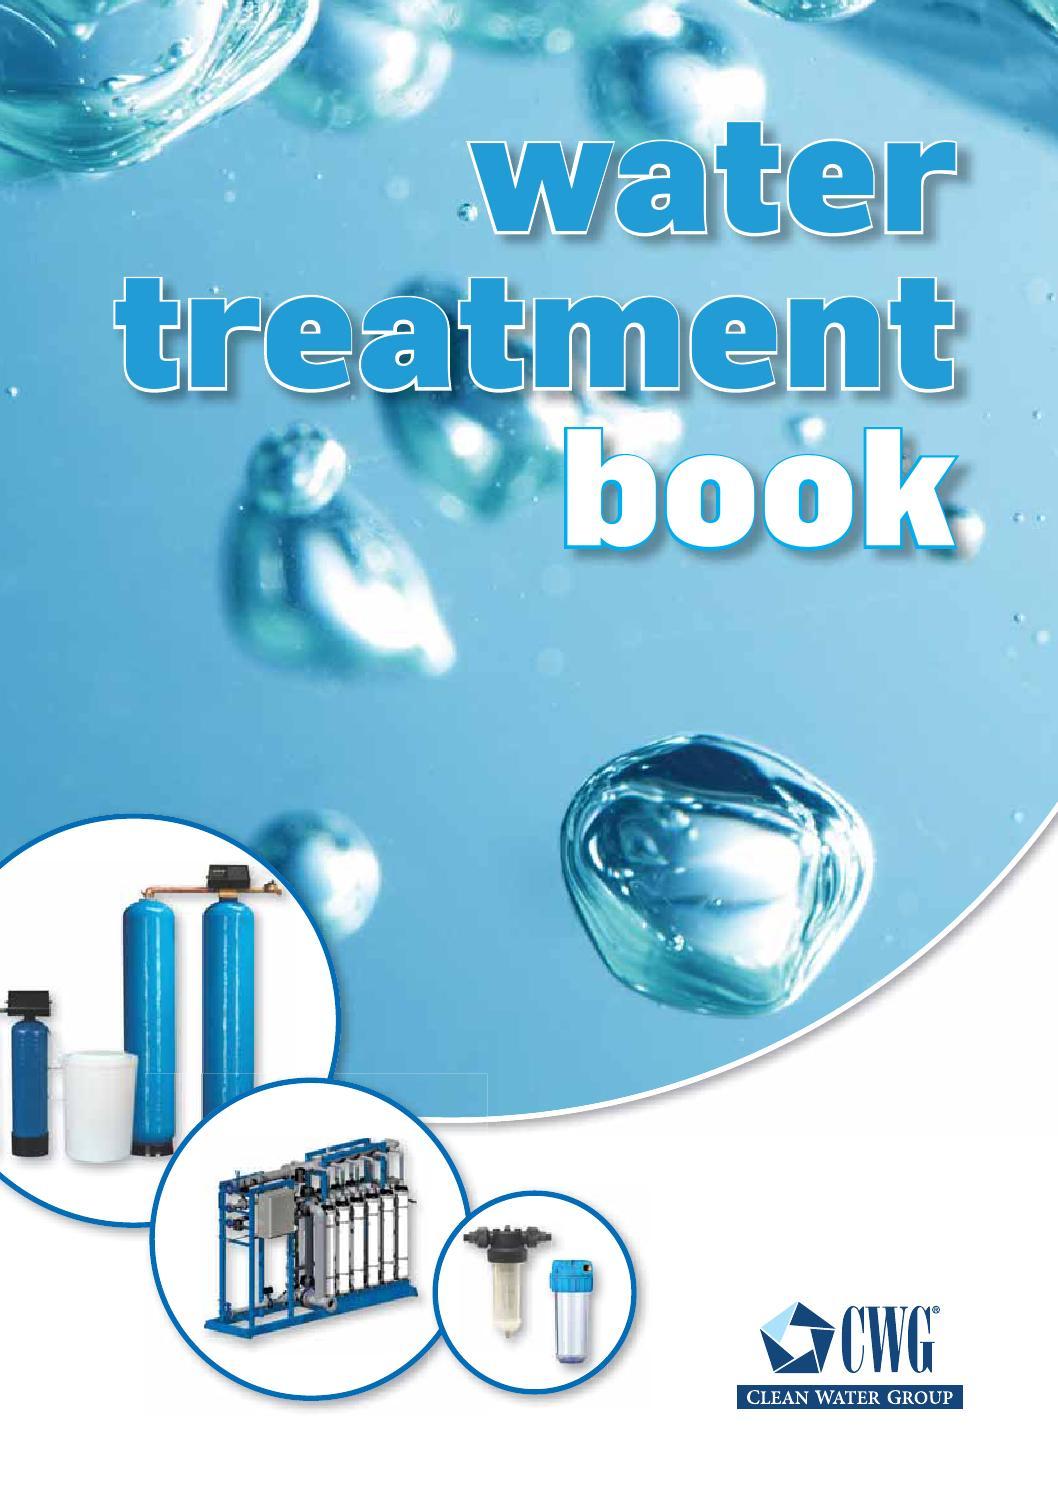 Cwg Water Treatment Book 2016 Eng By Mario Skrapec Issuu V10k Tri